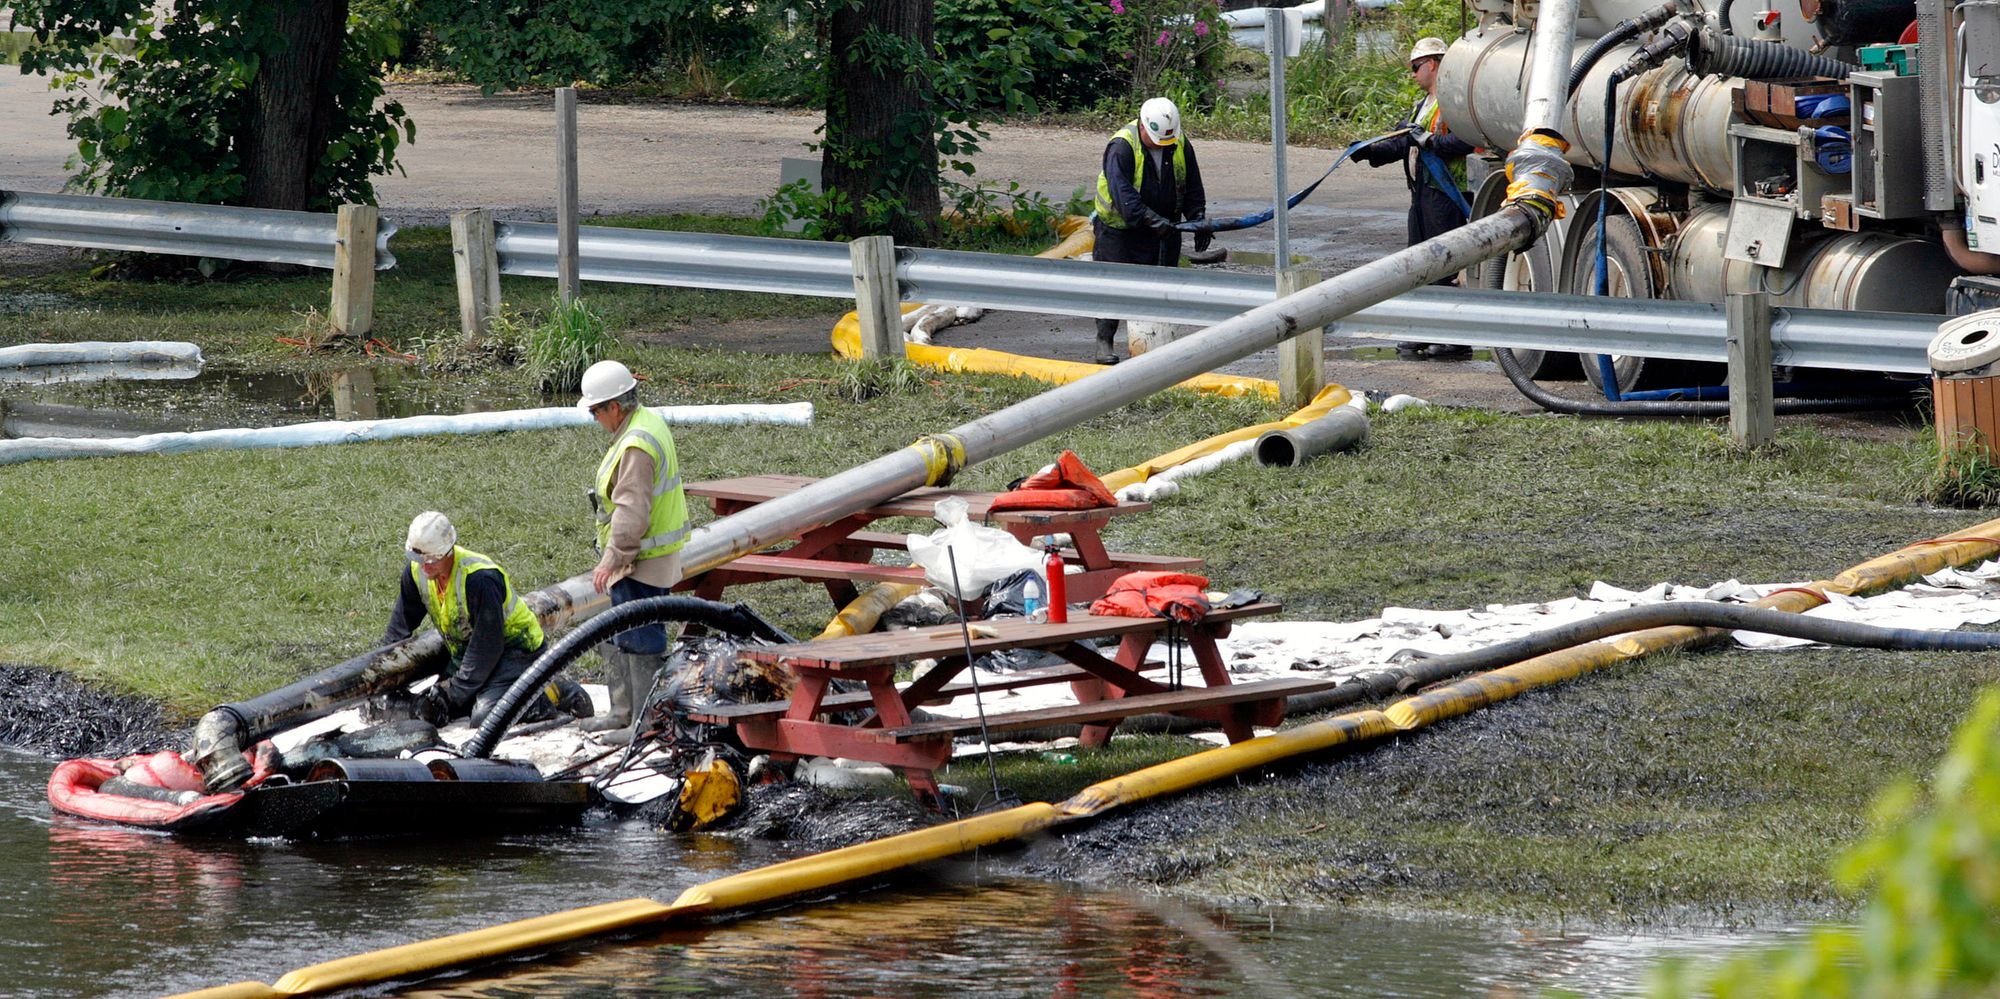 U.S., Enbridge Reach $177 Million Oil Spill Settlement